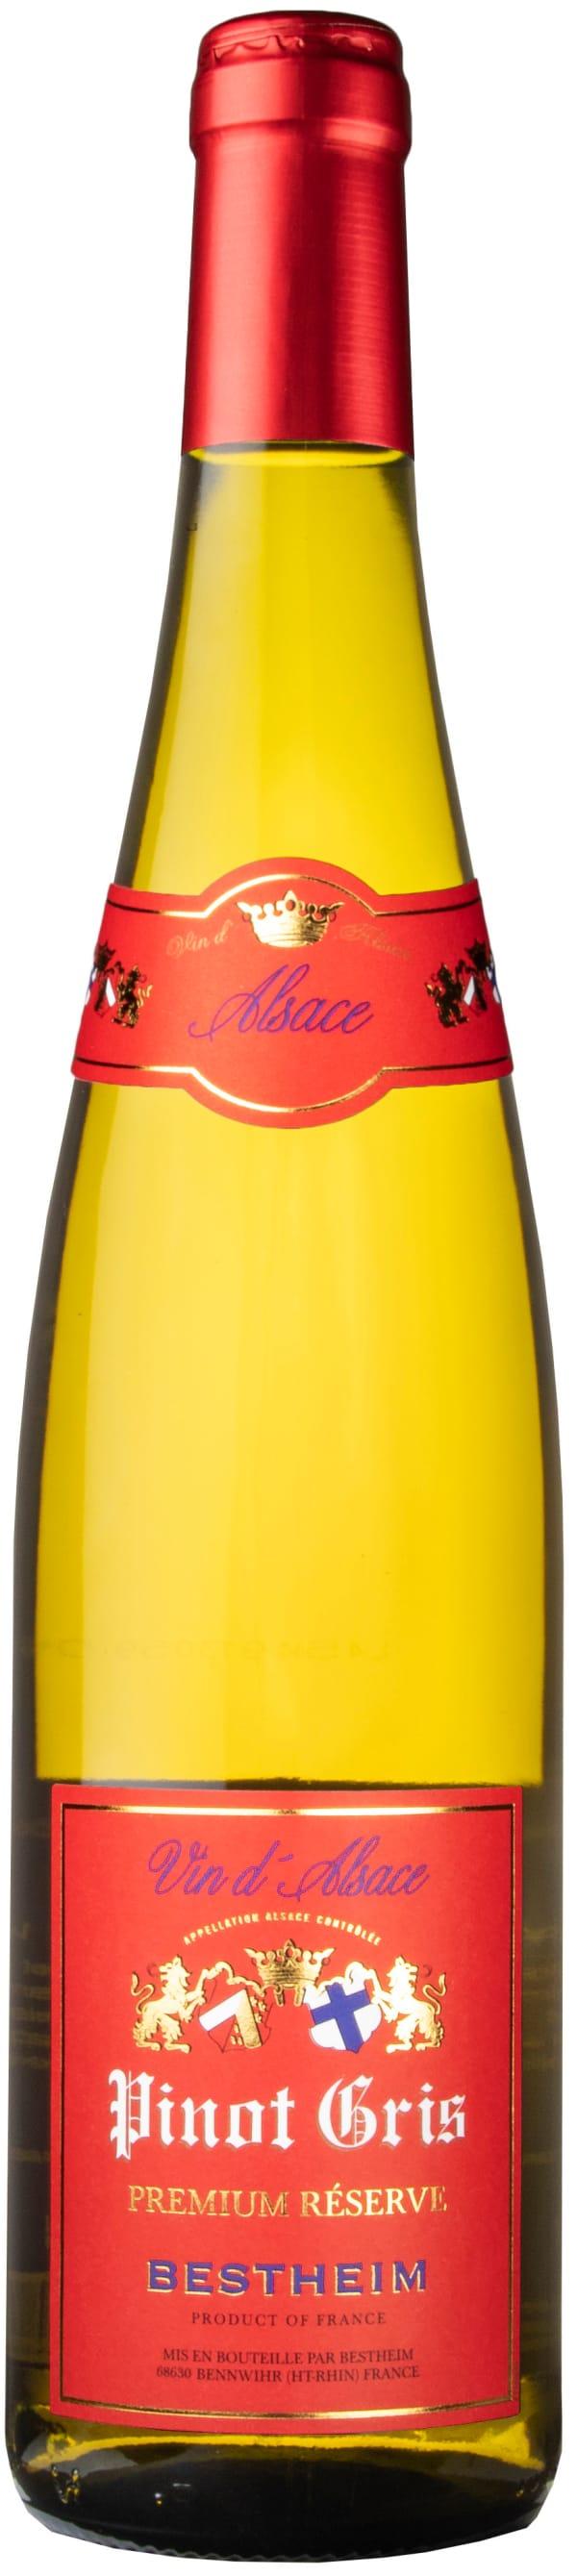 Bestheim Pinot Gris Premium Réserve 2017